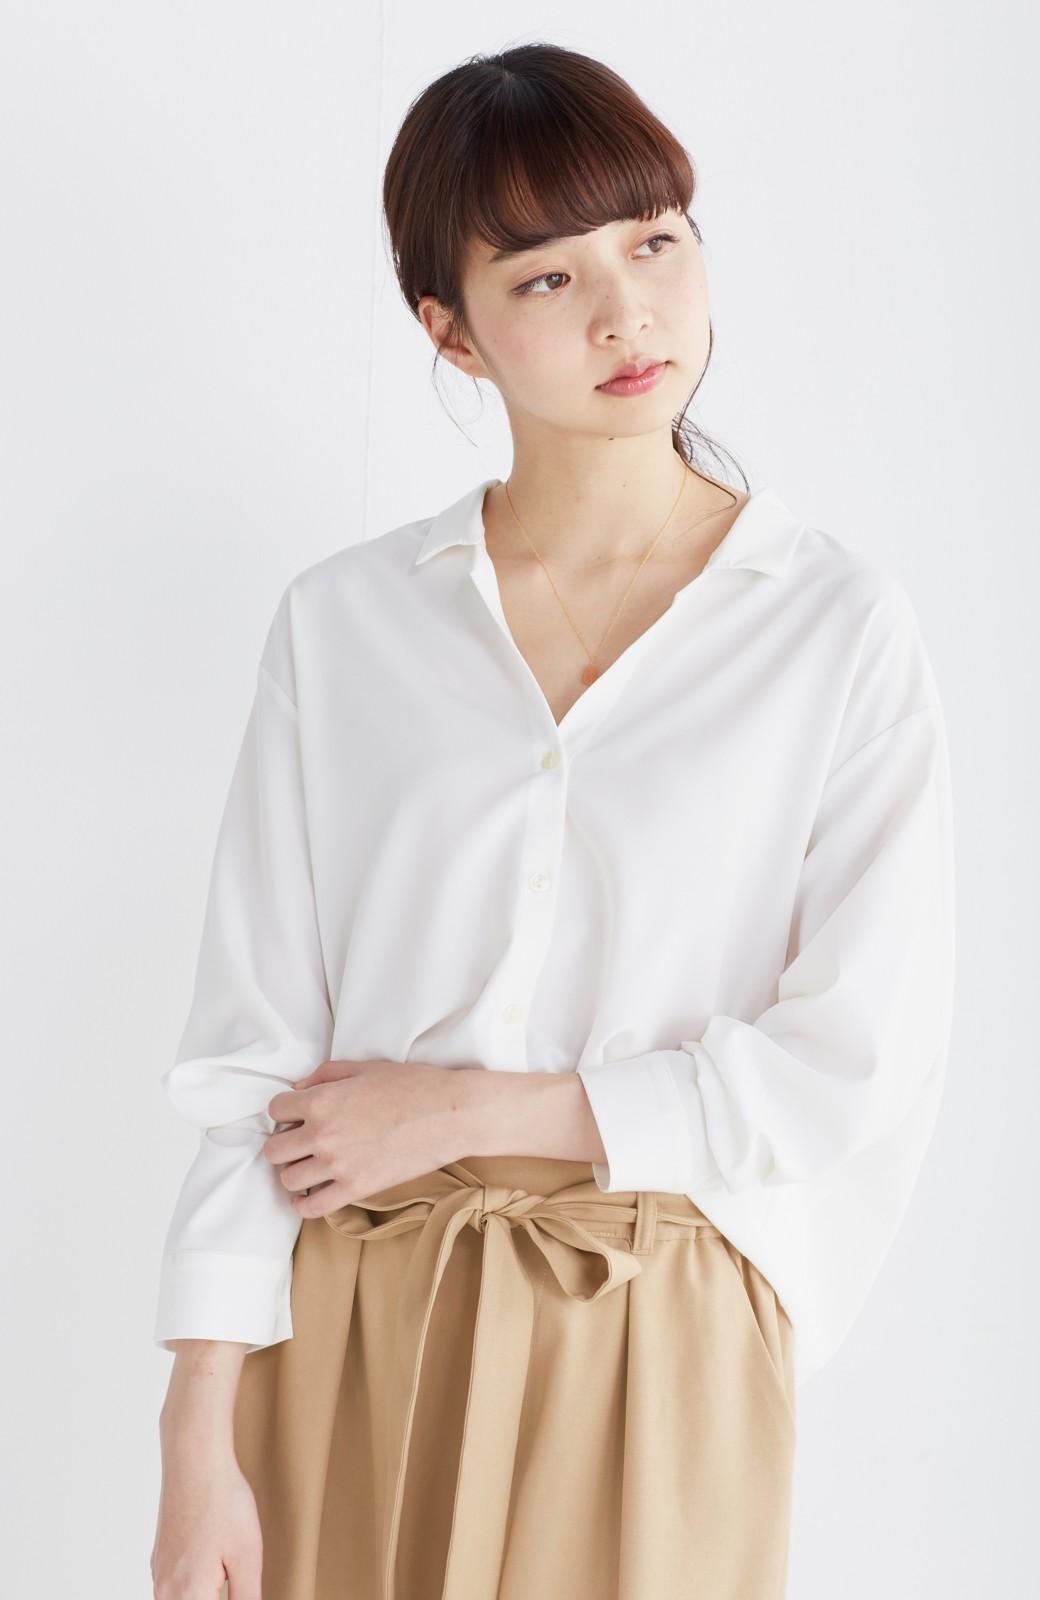 エムトロワ 女らしくてかっこいい スキッパー&抜き衿のとろみシャツ <ホワイト>の商品写真9